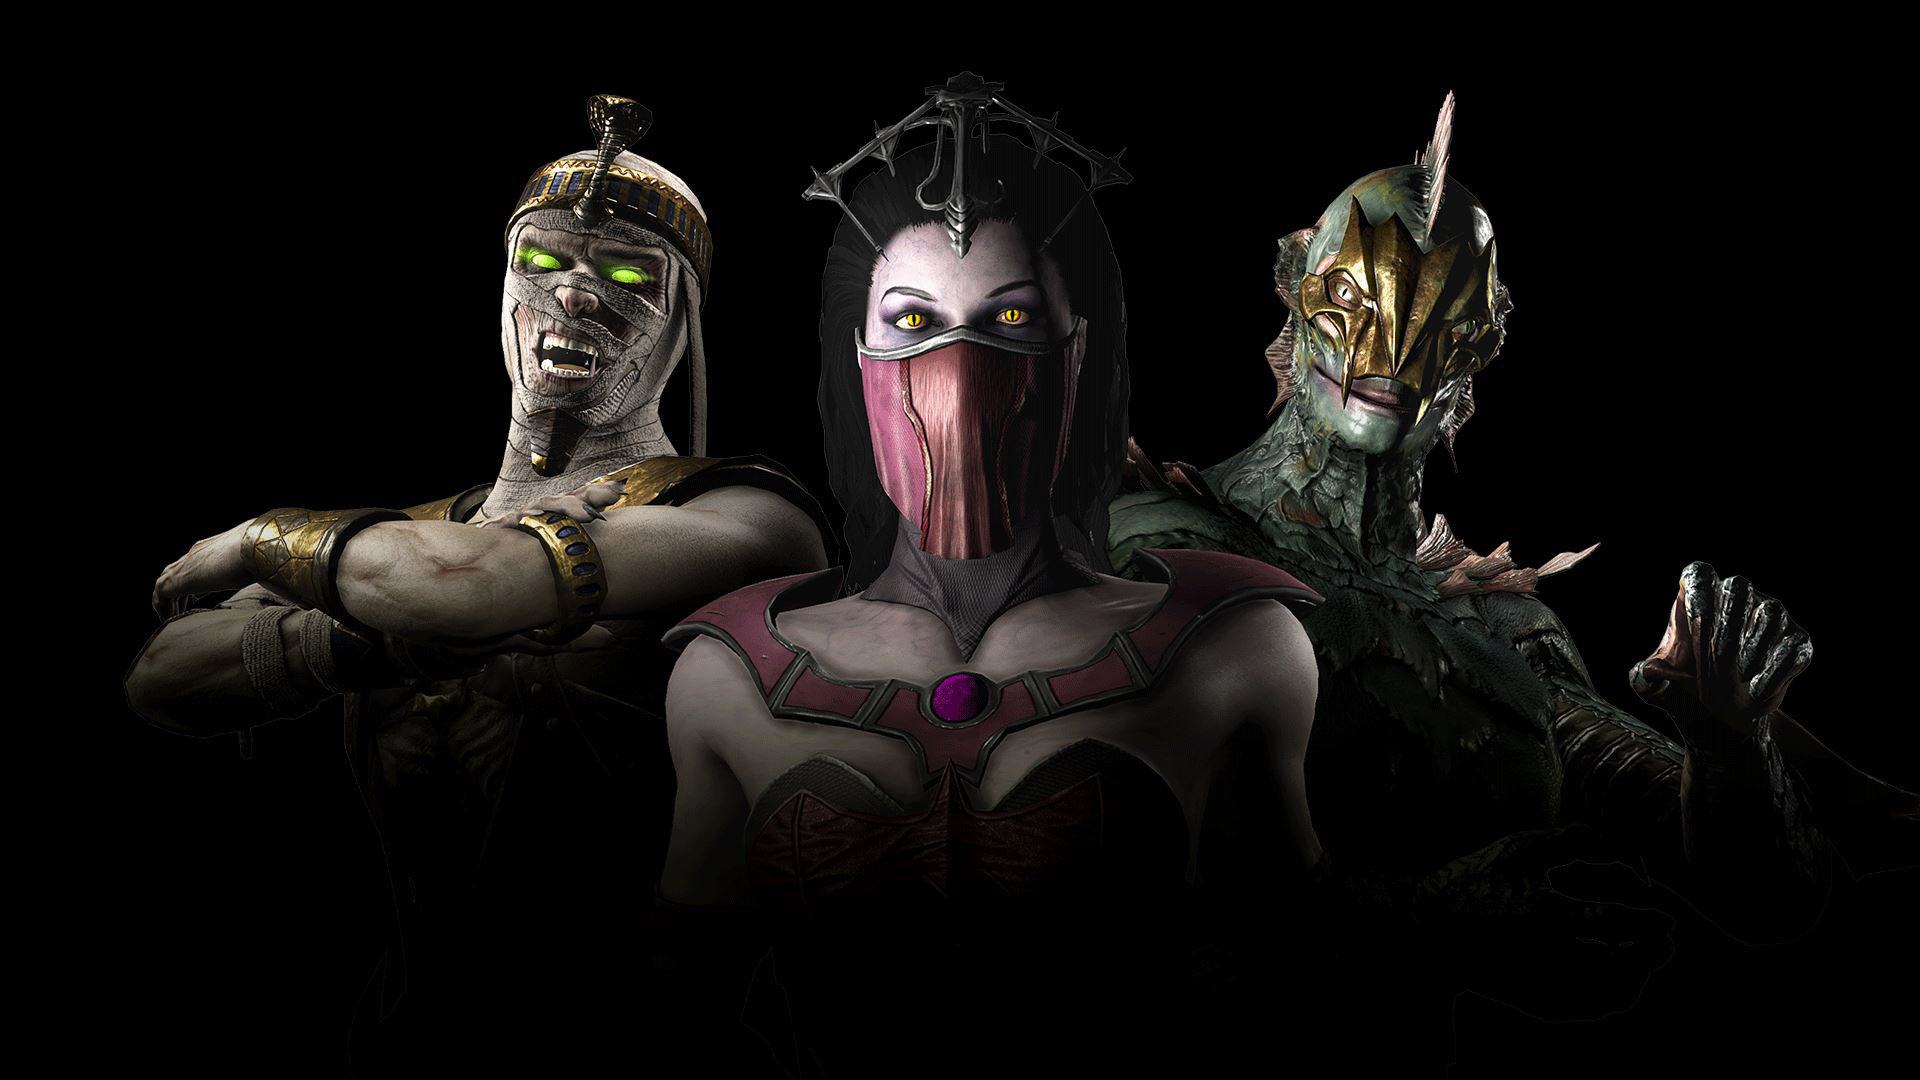 Mortal Kombat X Wallpaper in 1920x1080